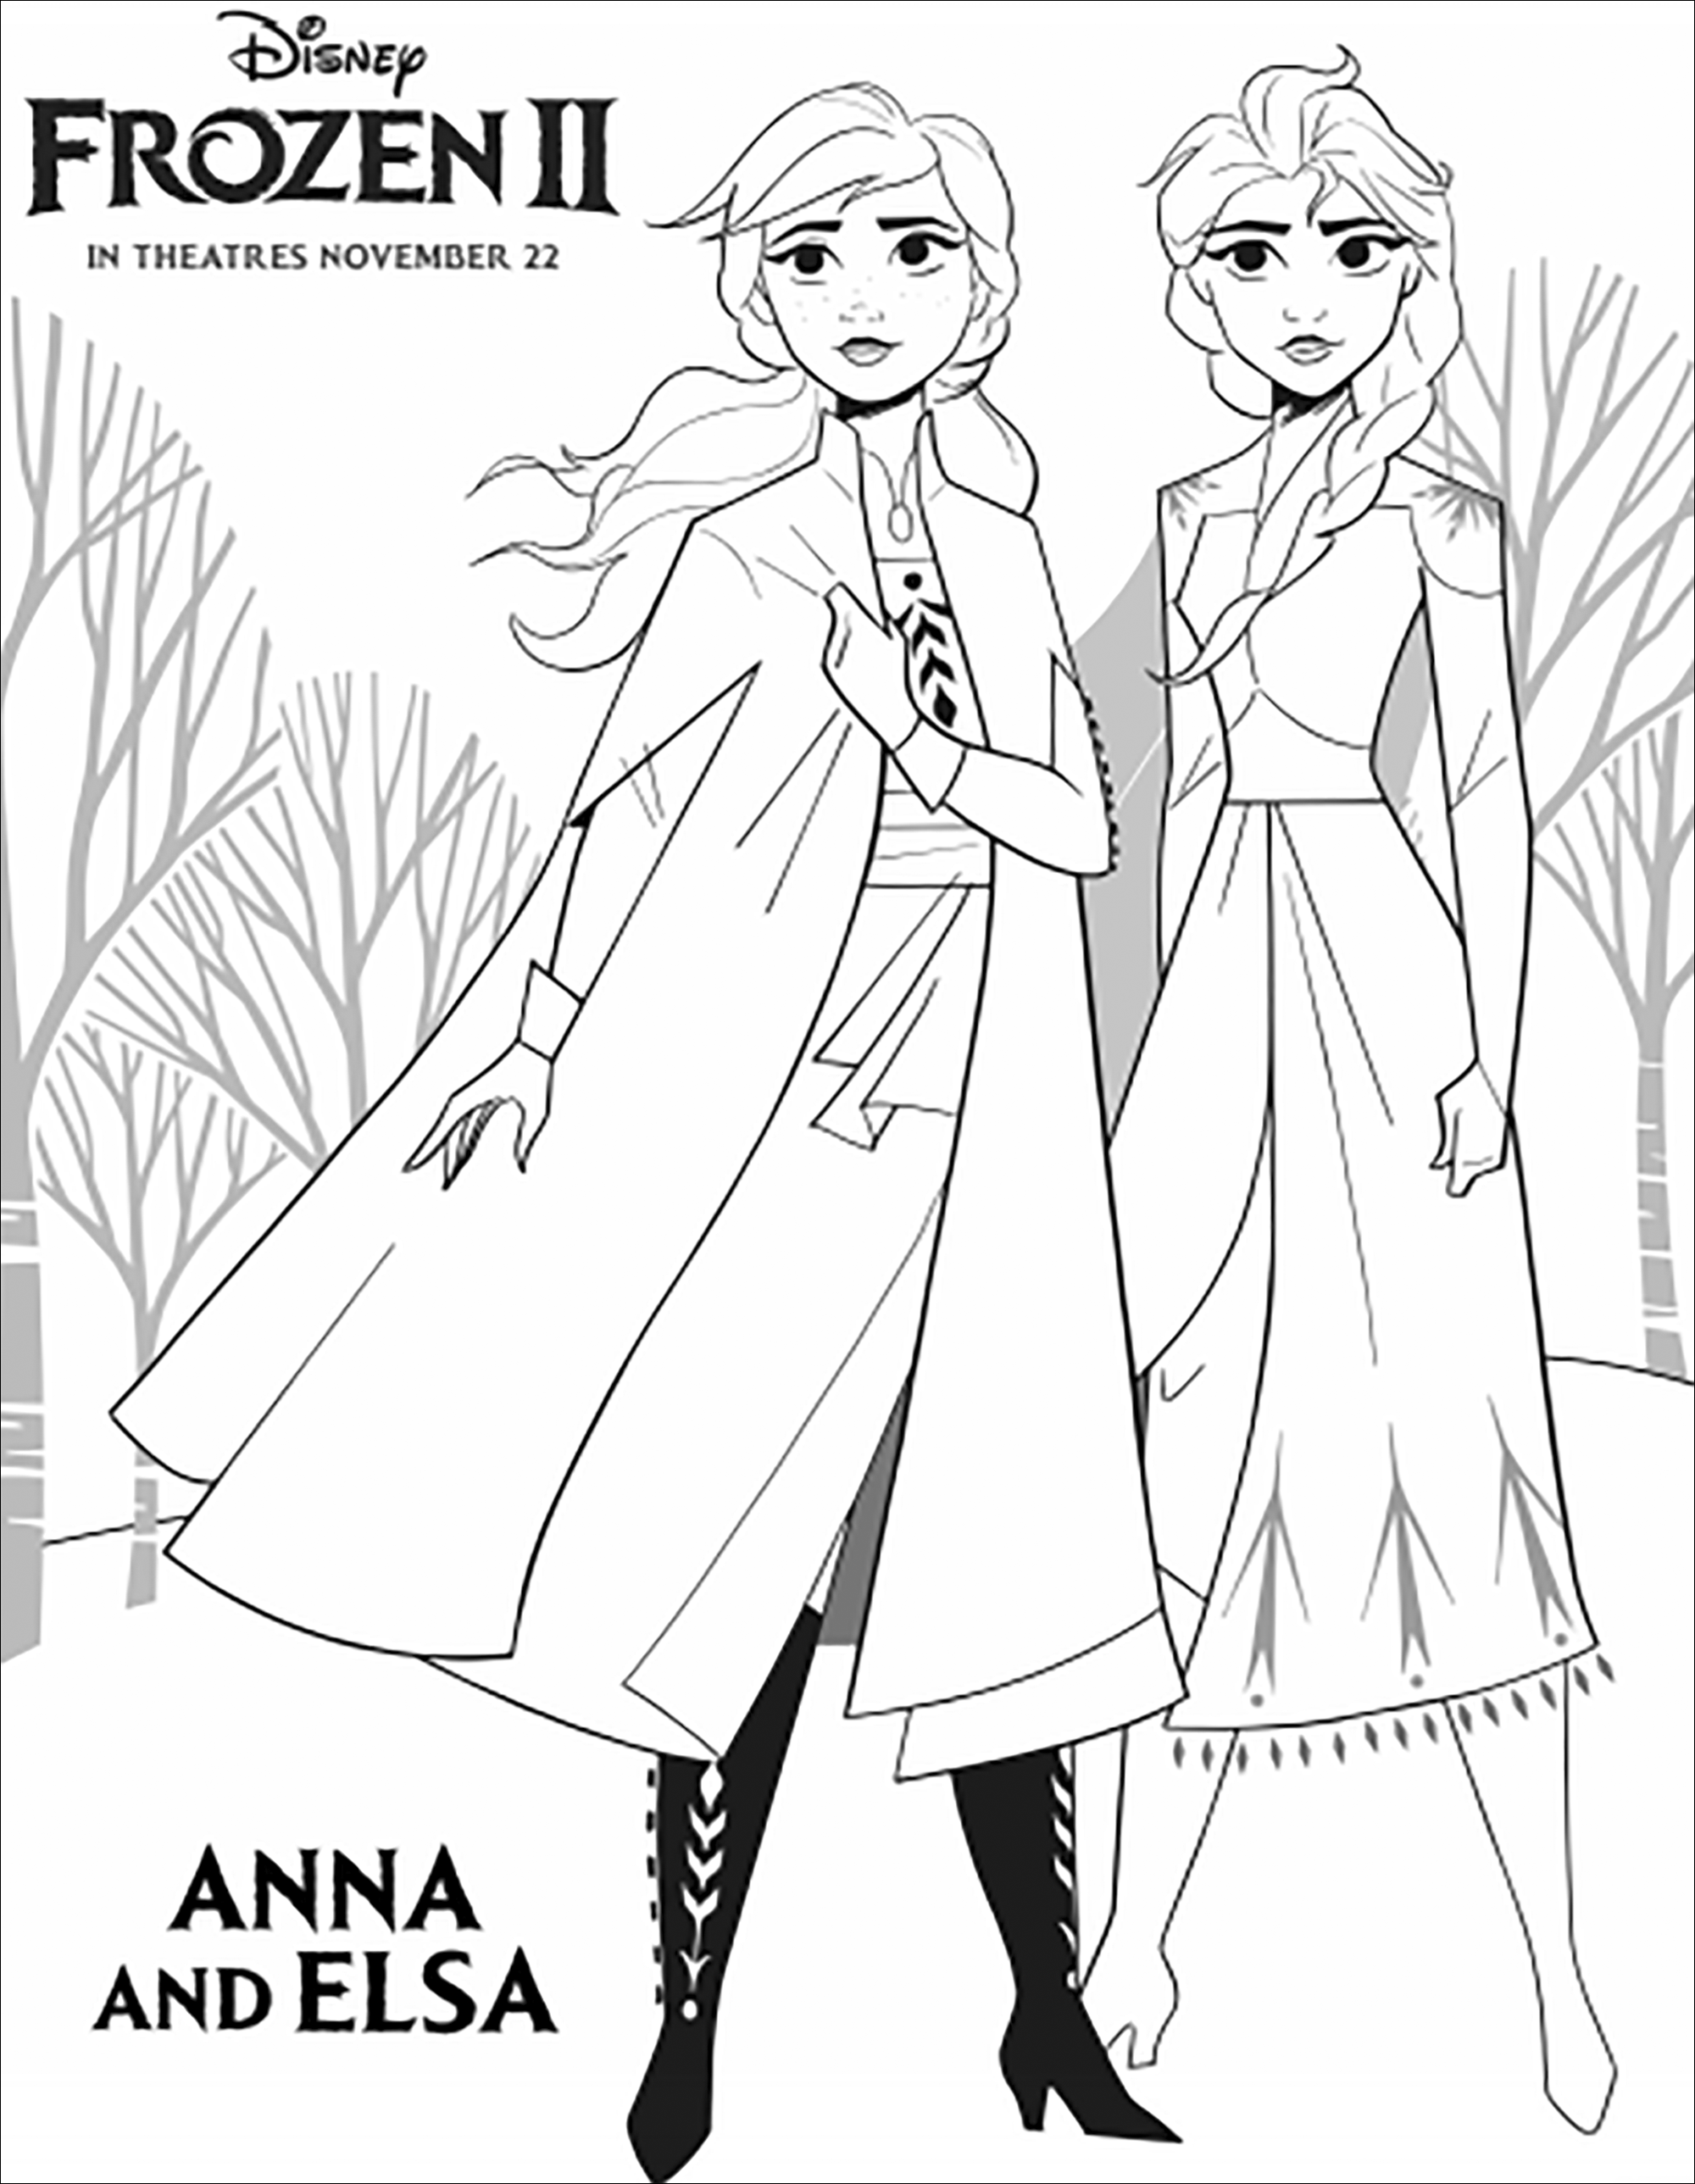 La Reine Des Neiges 2 Elsa Et Anna Avec Texte Elsa Et Anna Plus Soudees Que Jamais Dans La Rei En 2020 Coloriage Reine Des Neiges Coloriage Frozen Coloriage Elsa